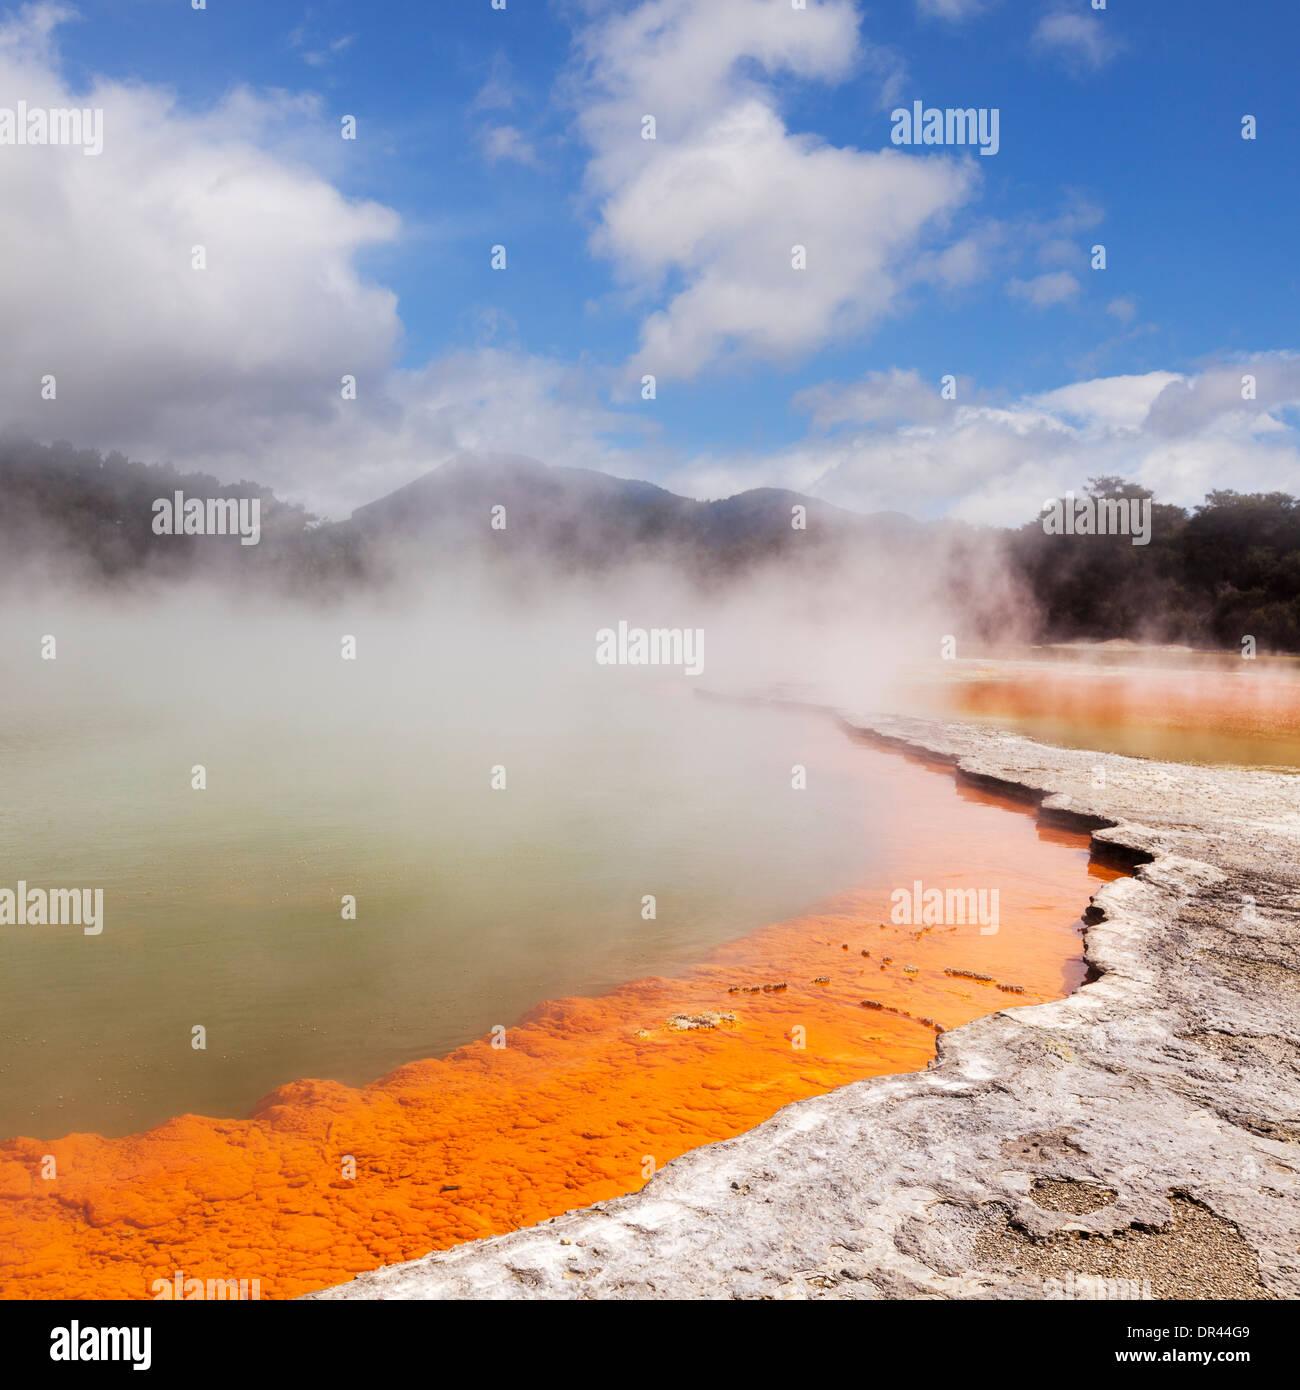 Acqua di cottura a vapore presso la piscina di Champagne, Waiotapu Riserva Termale, a Rotorua, Nuova Zelanda. Immagini Stock